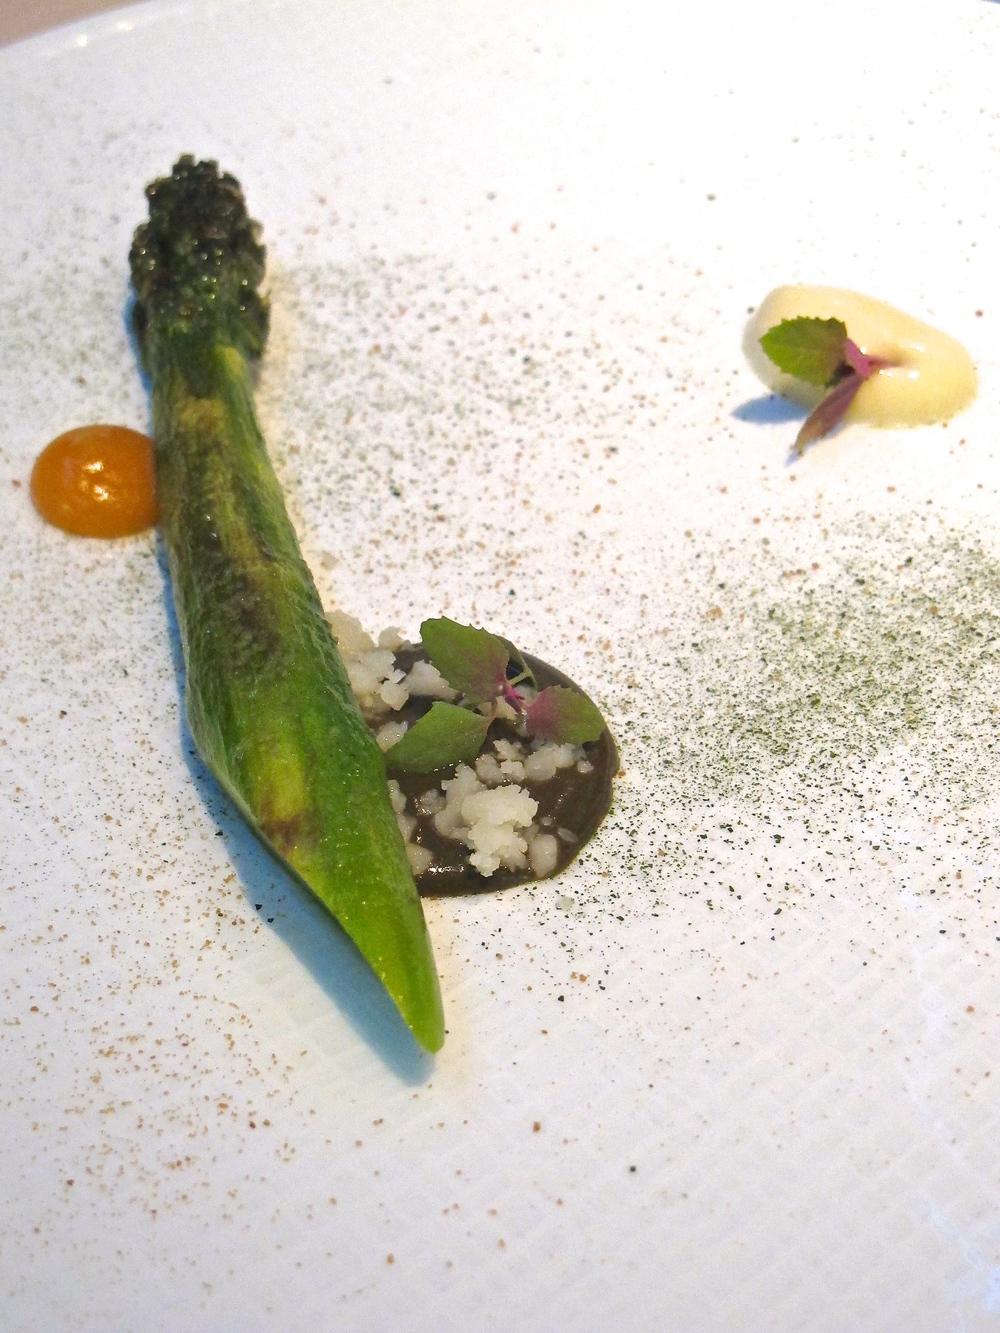 Manresa's asparagus